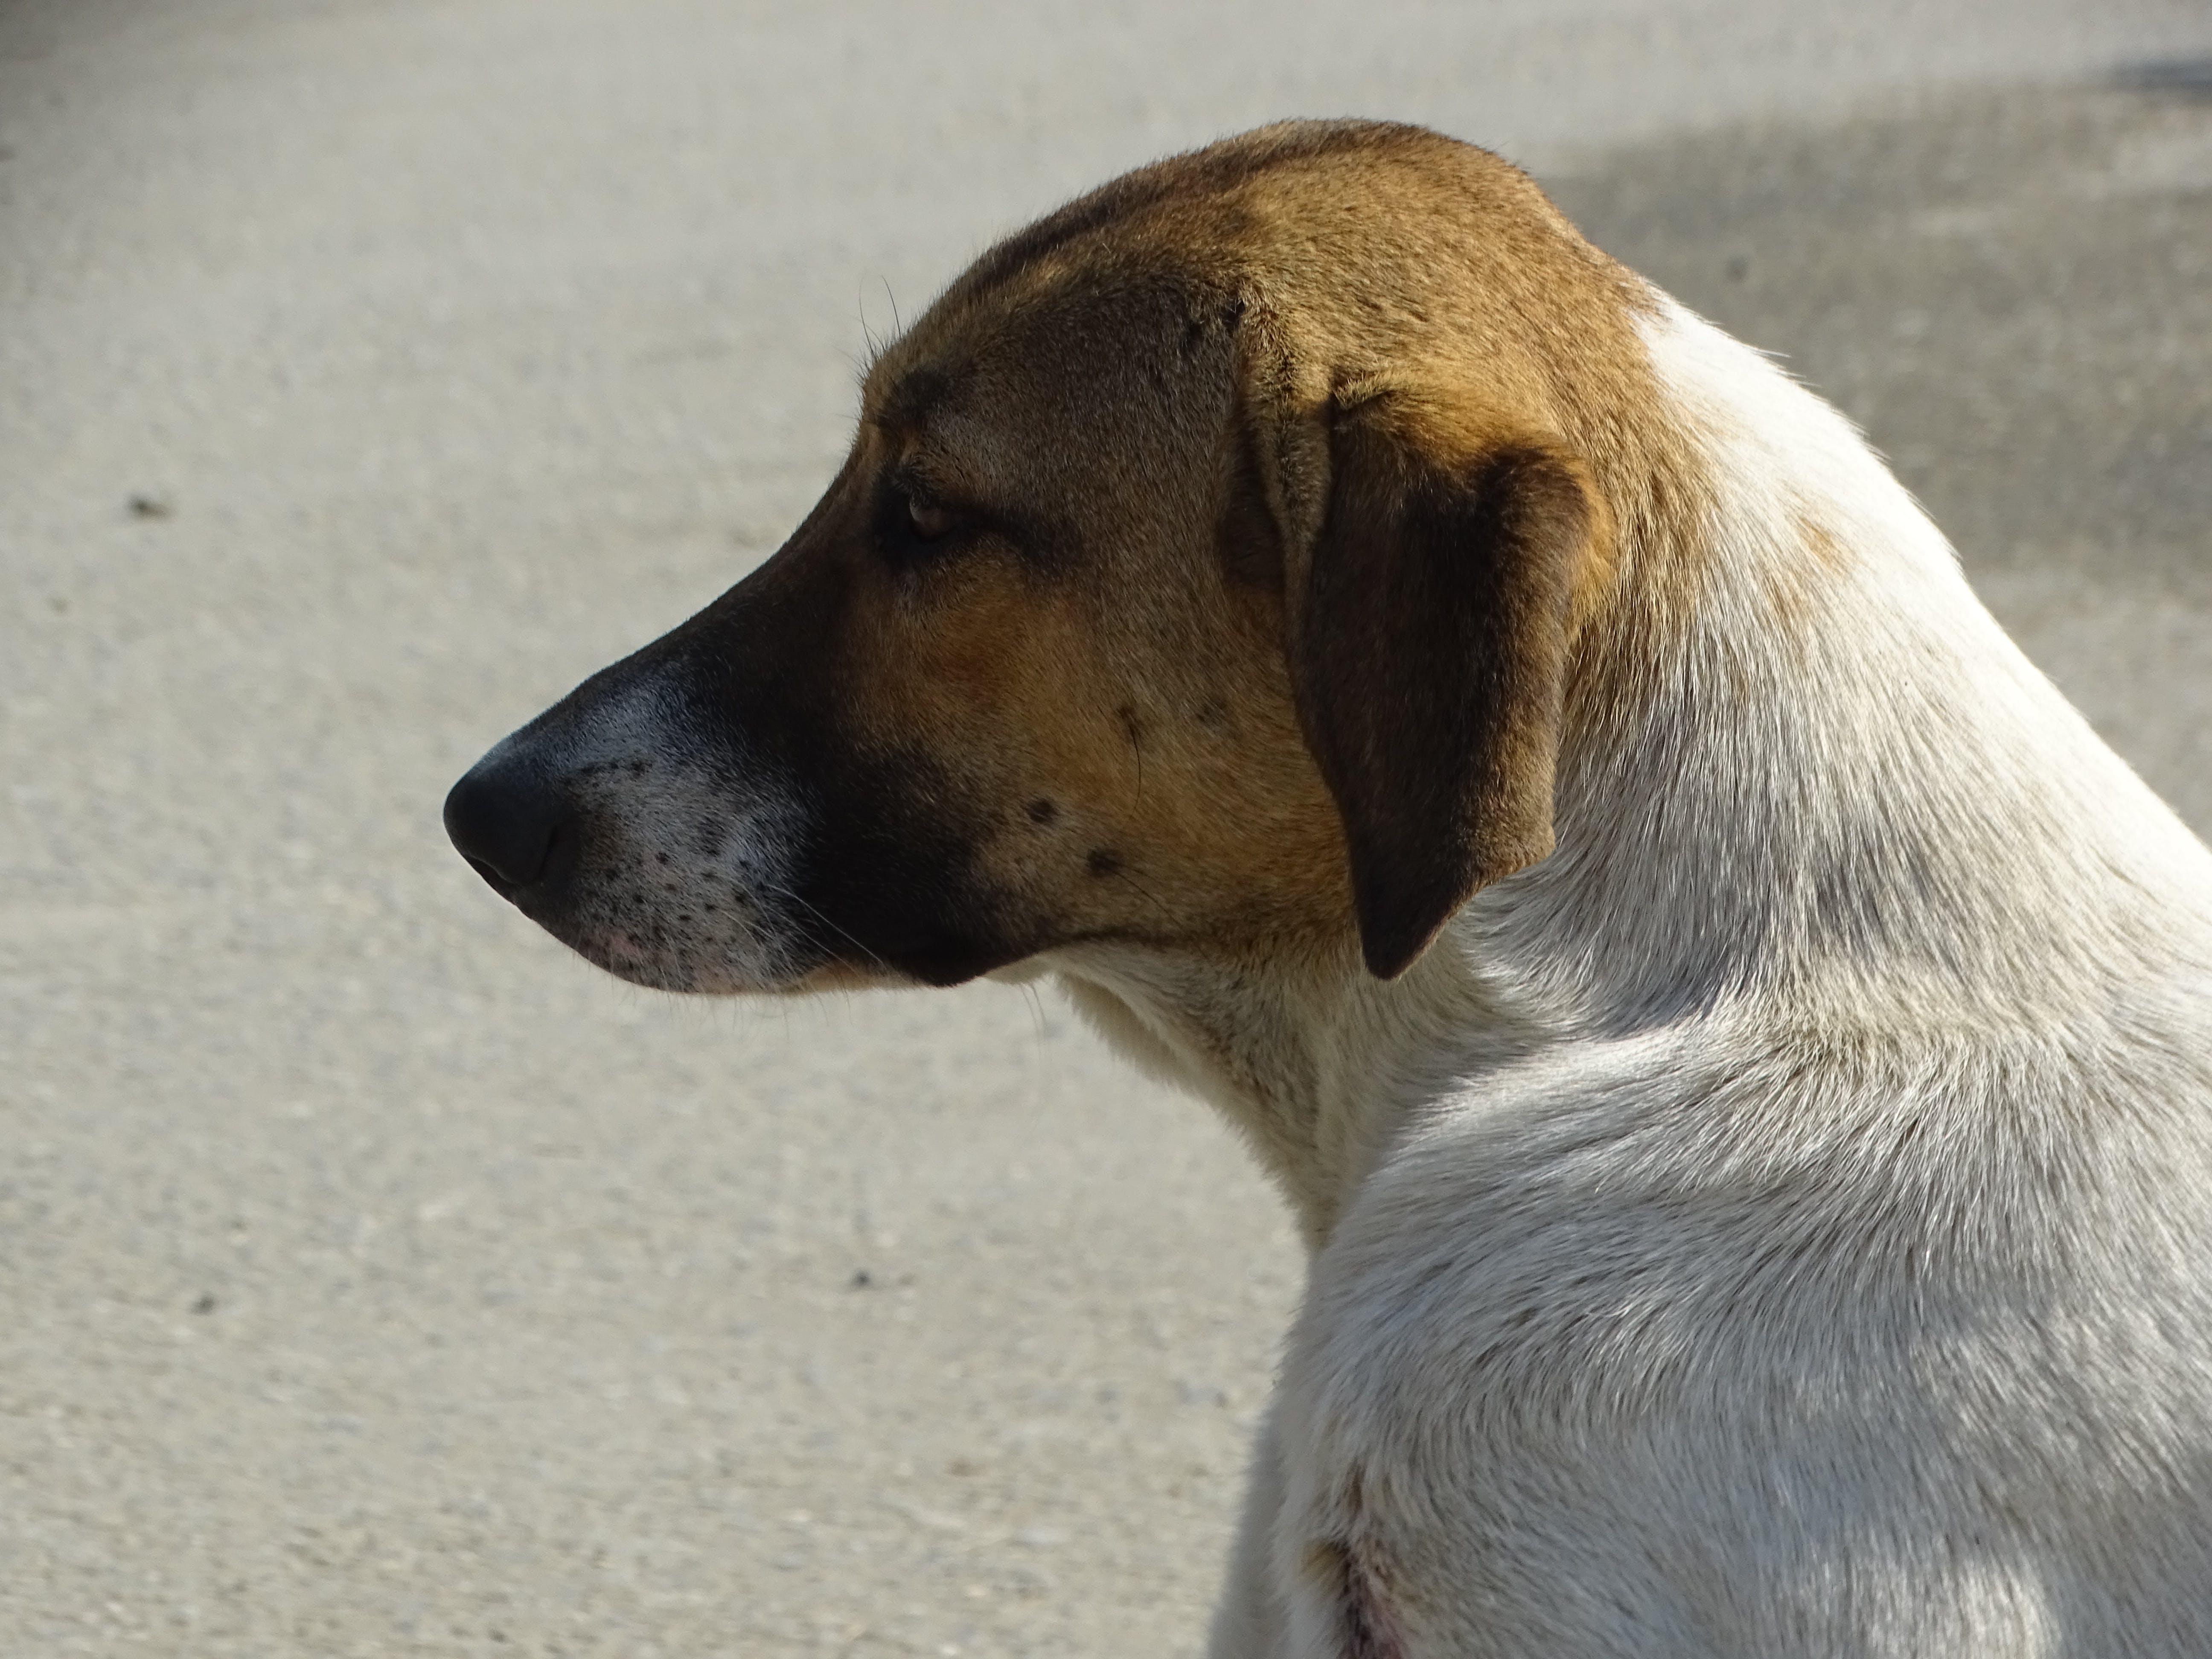 Kostenloses Stock Foto zu hund, ritt side dog, stinkender hund, straßenhund